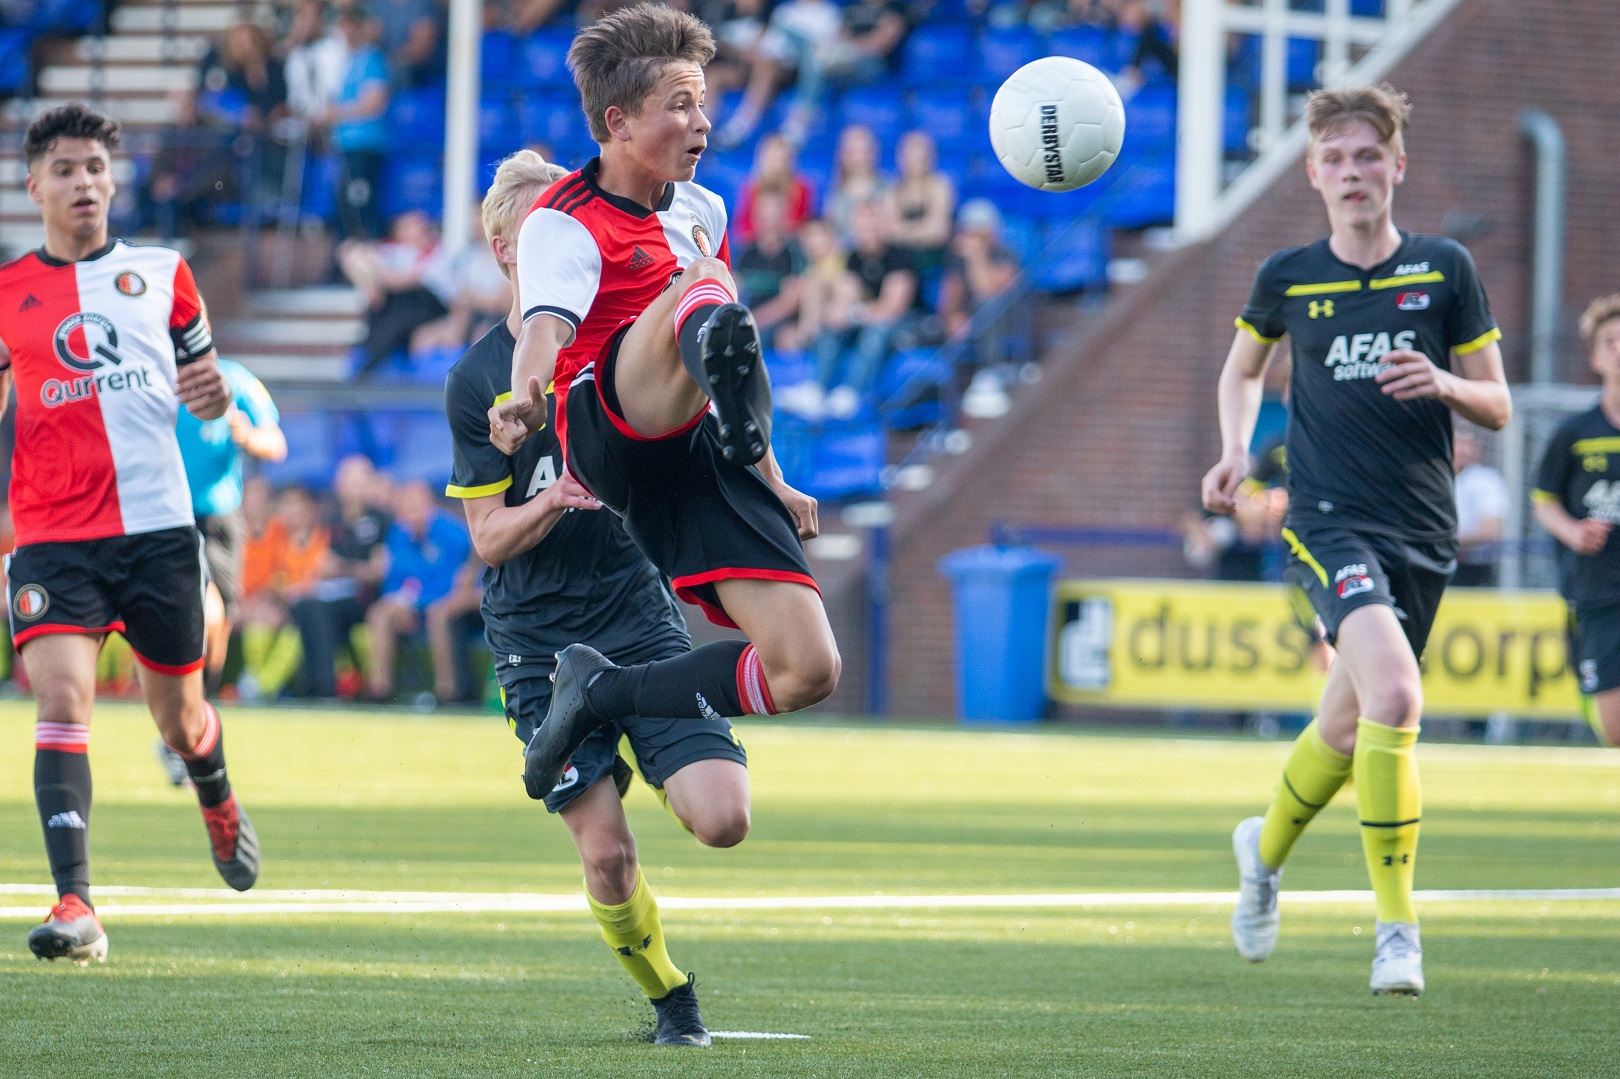 Marveld Tournament 2019 - Feyenoord vs. AZ